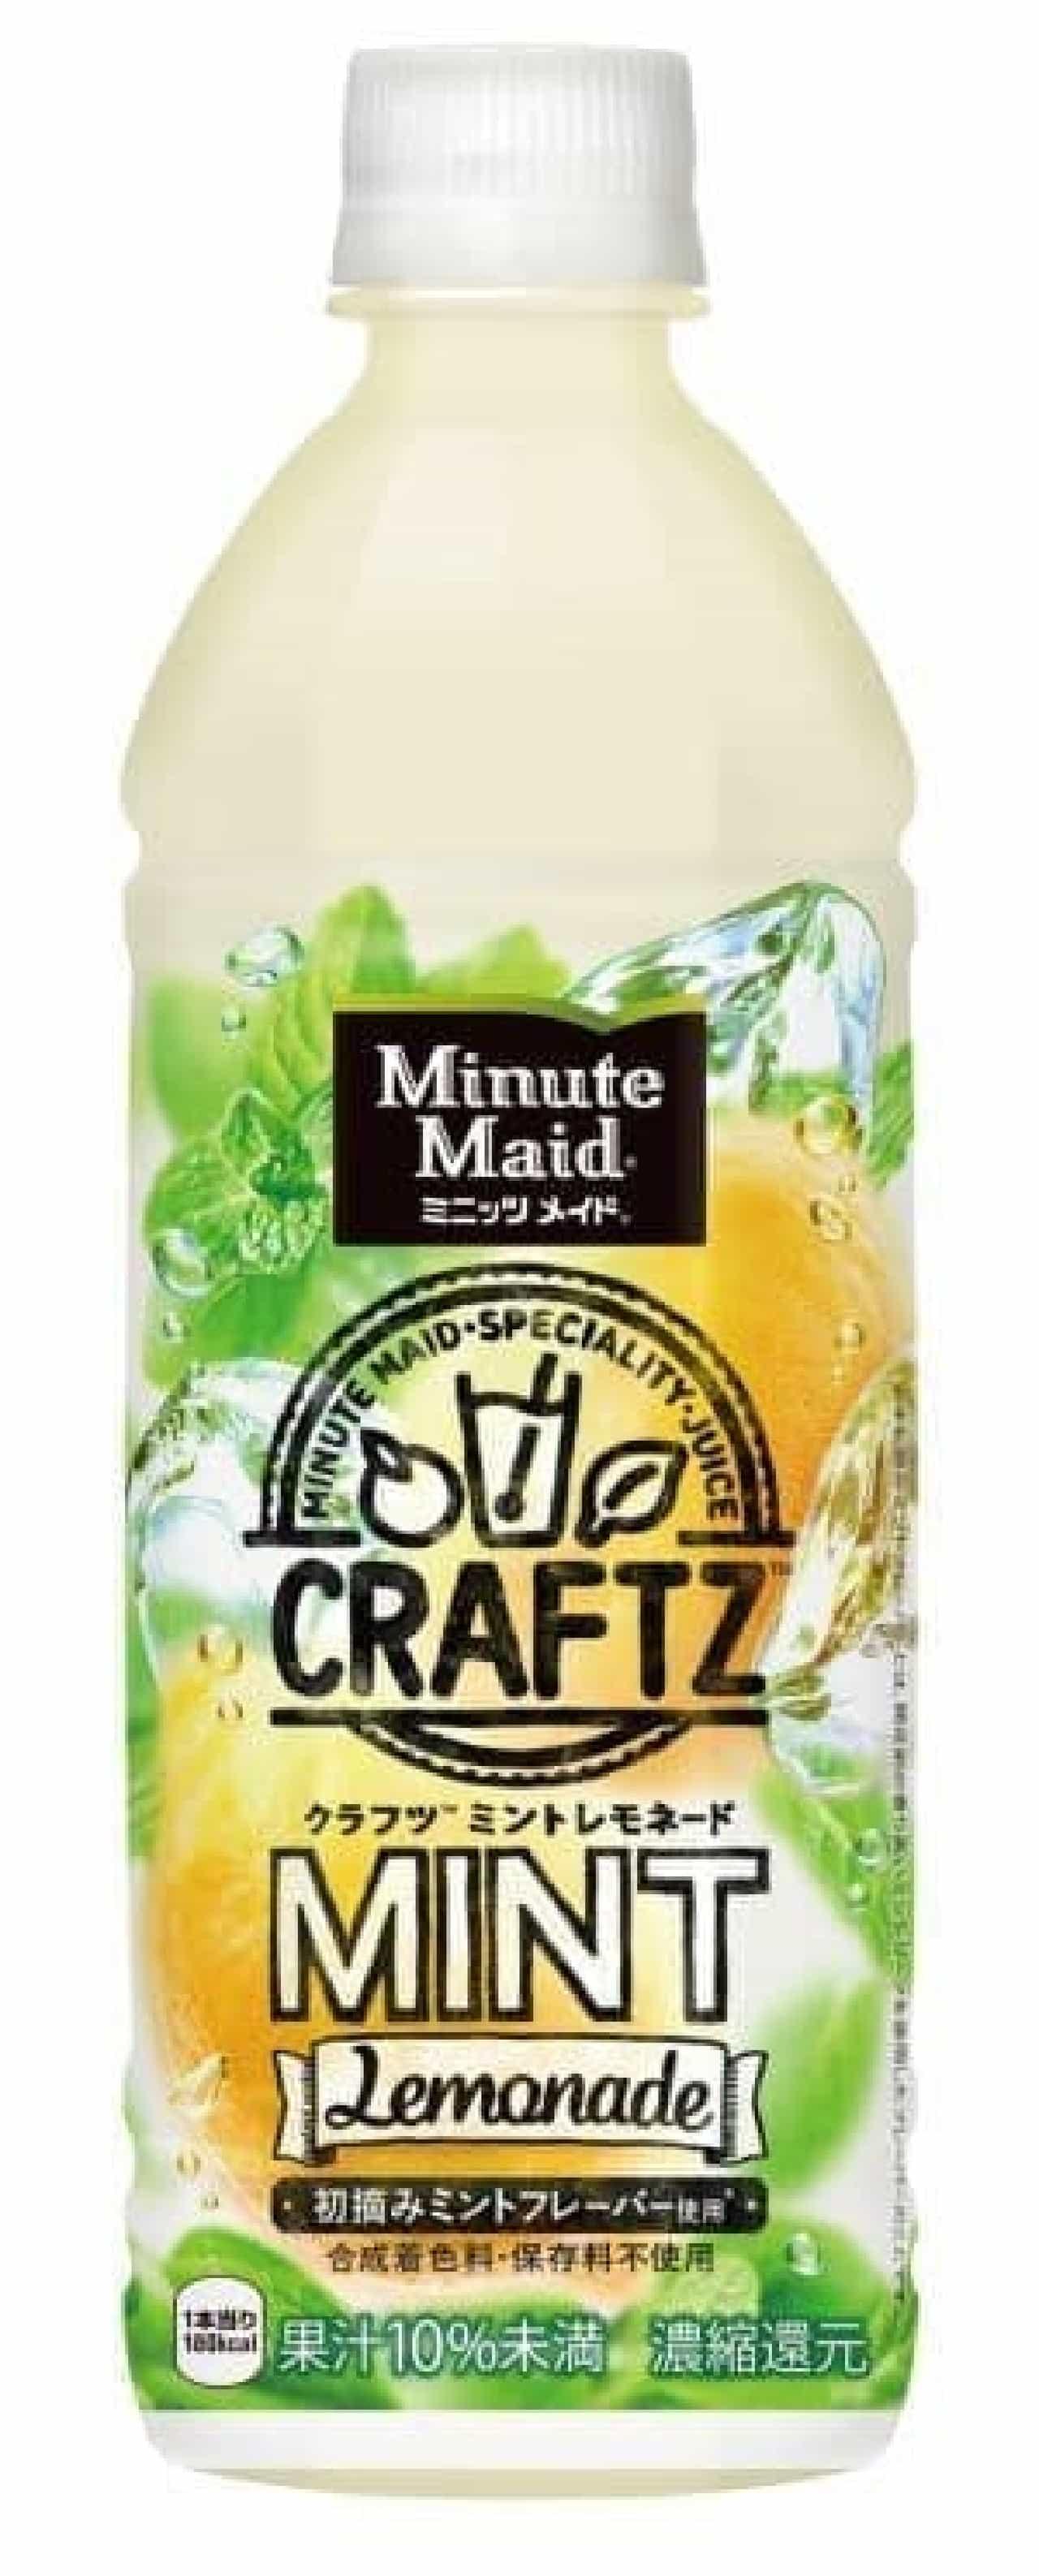 「ミニッツ メイド クラフツ ミントレモネード」はレモン果汁とミントフレーバーをブレンドした本格派ミントレモネード